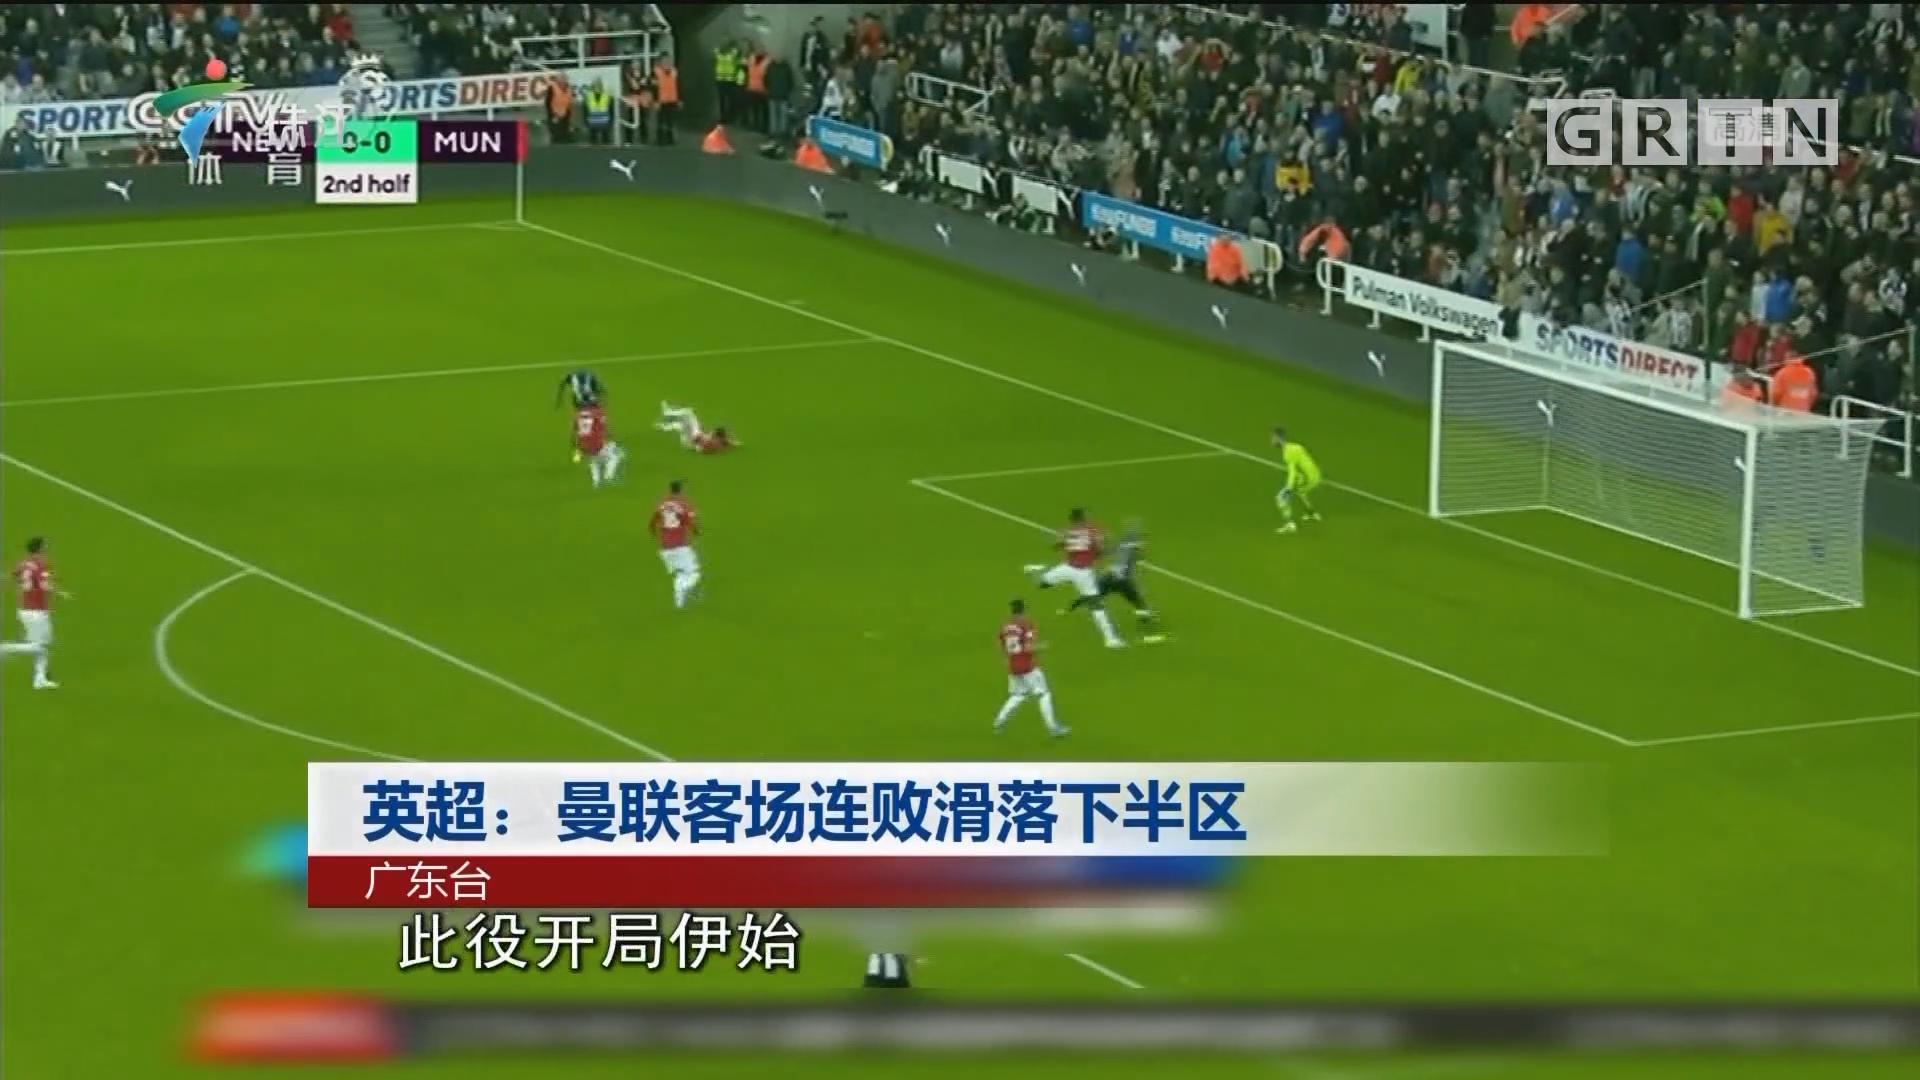 英超:曼联客场连败滑落下半区